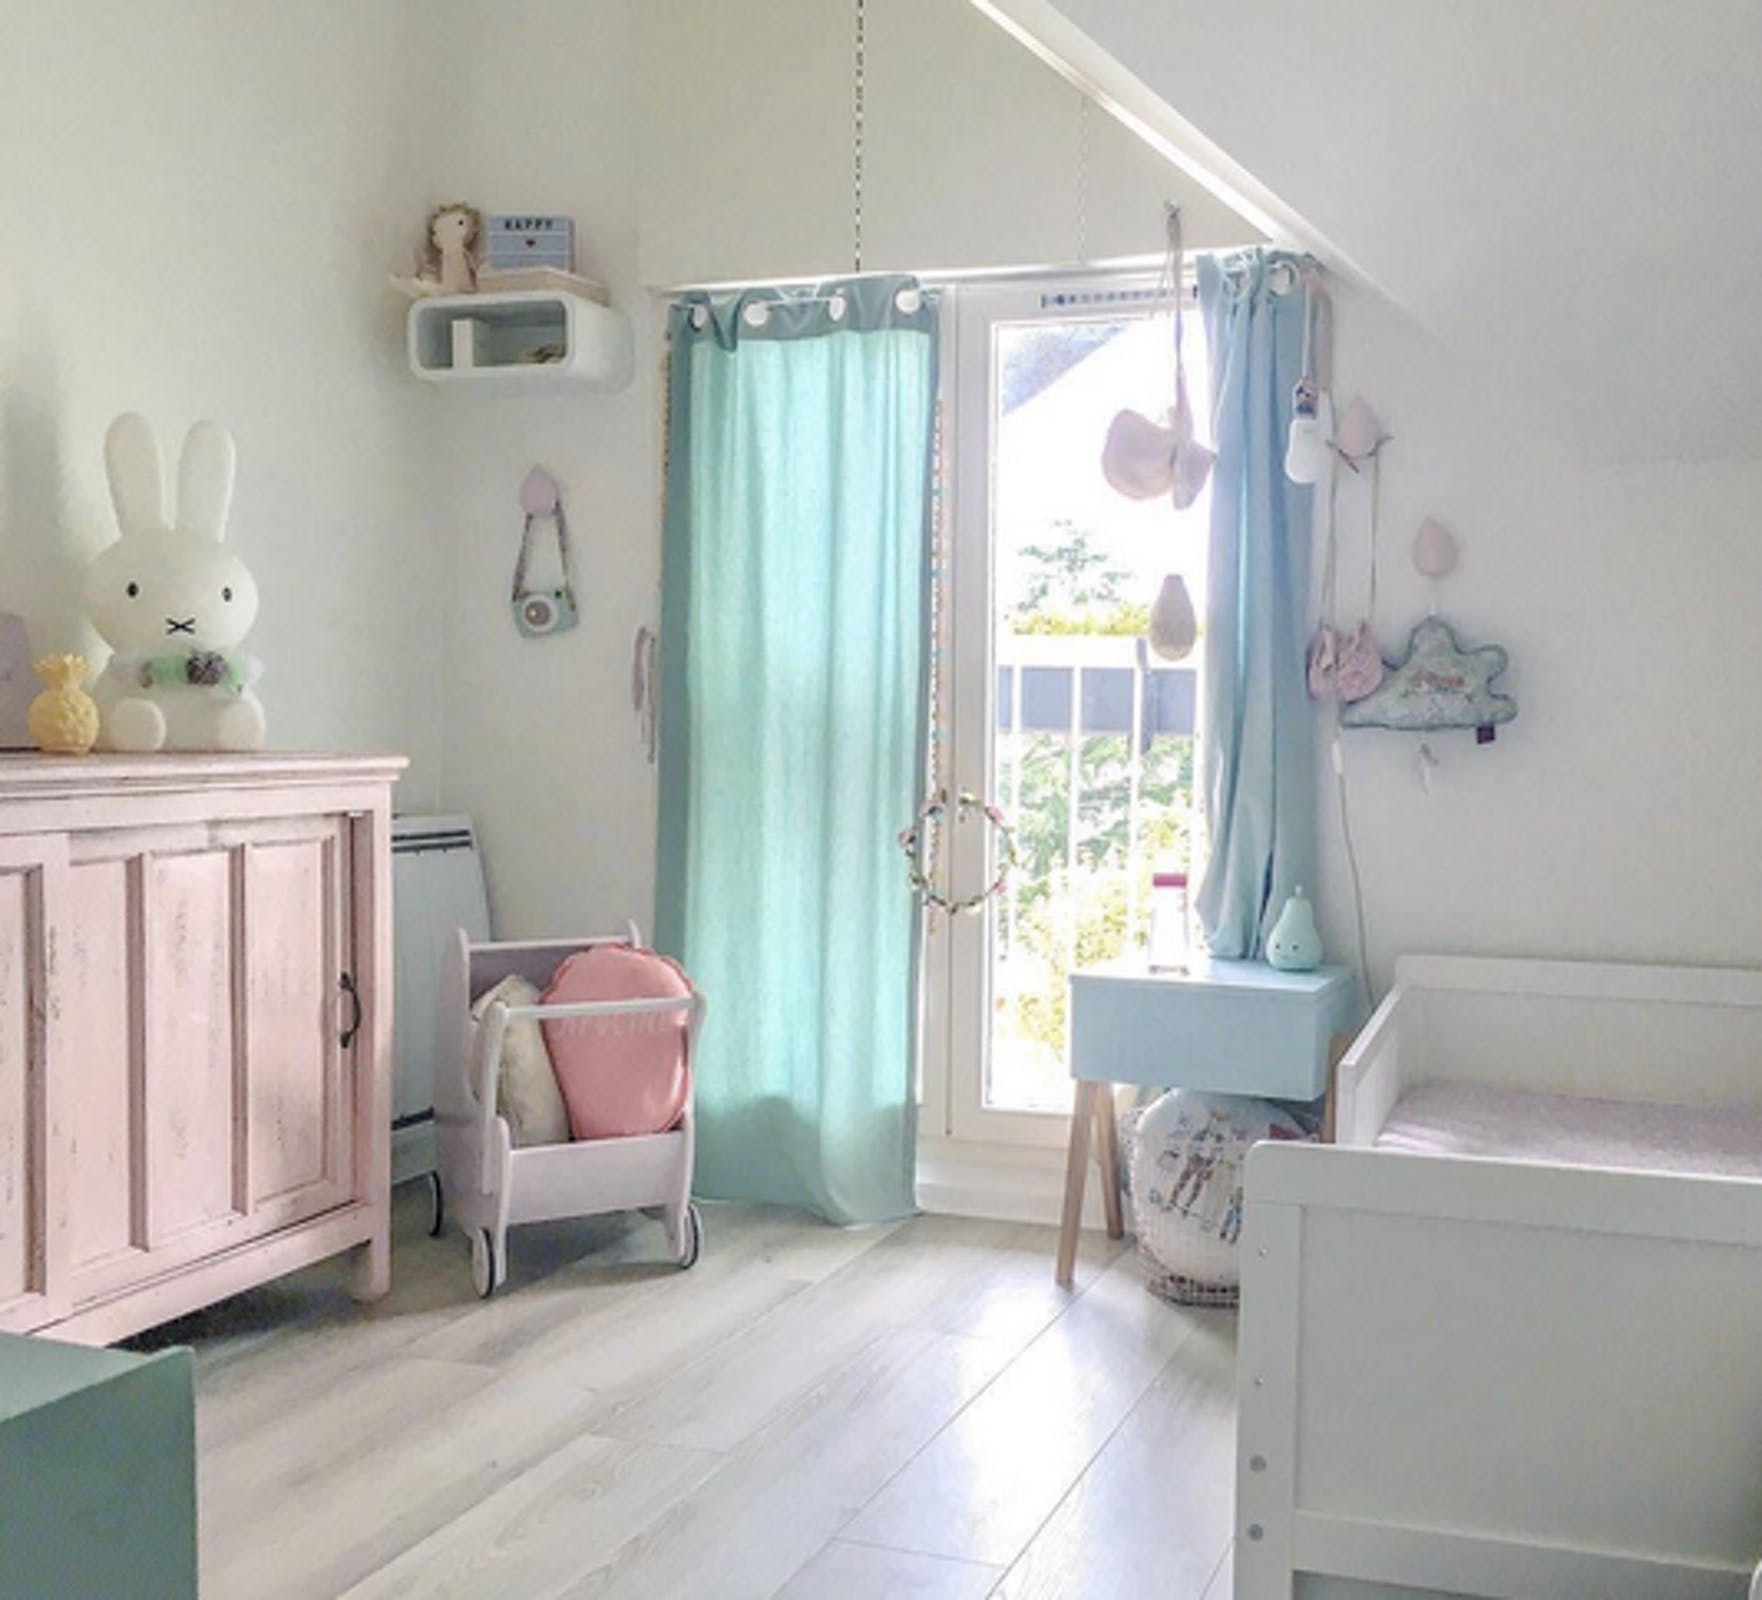 Jolie Chambre D Enfant Lit Blanc Voilages Rideaux Bleu Pastel